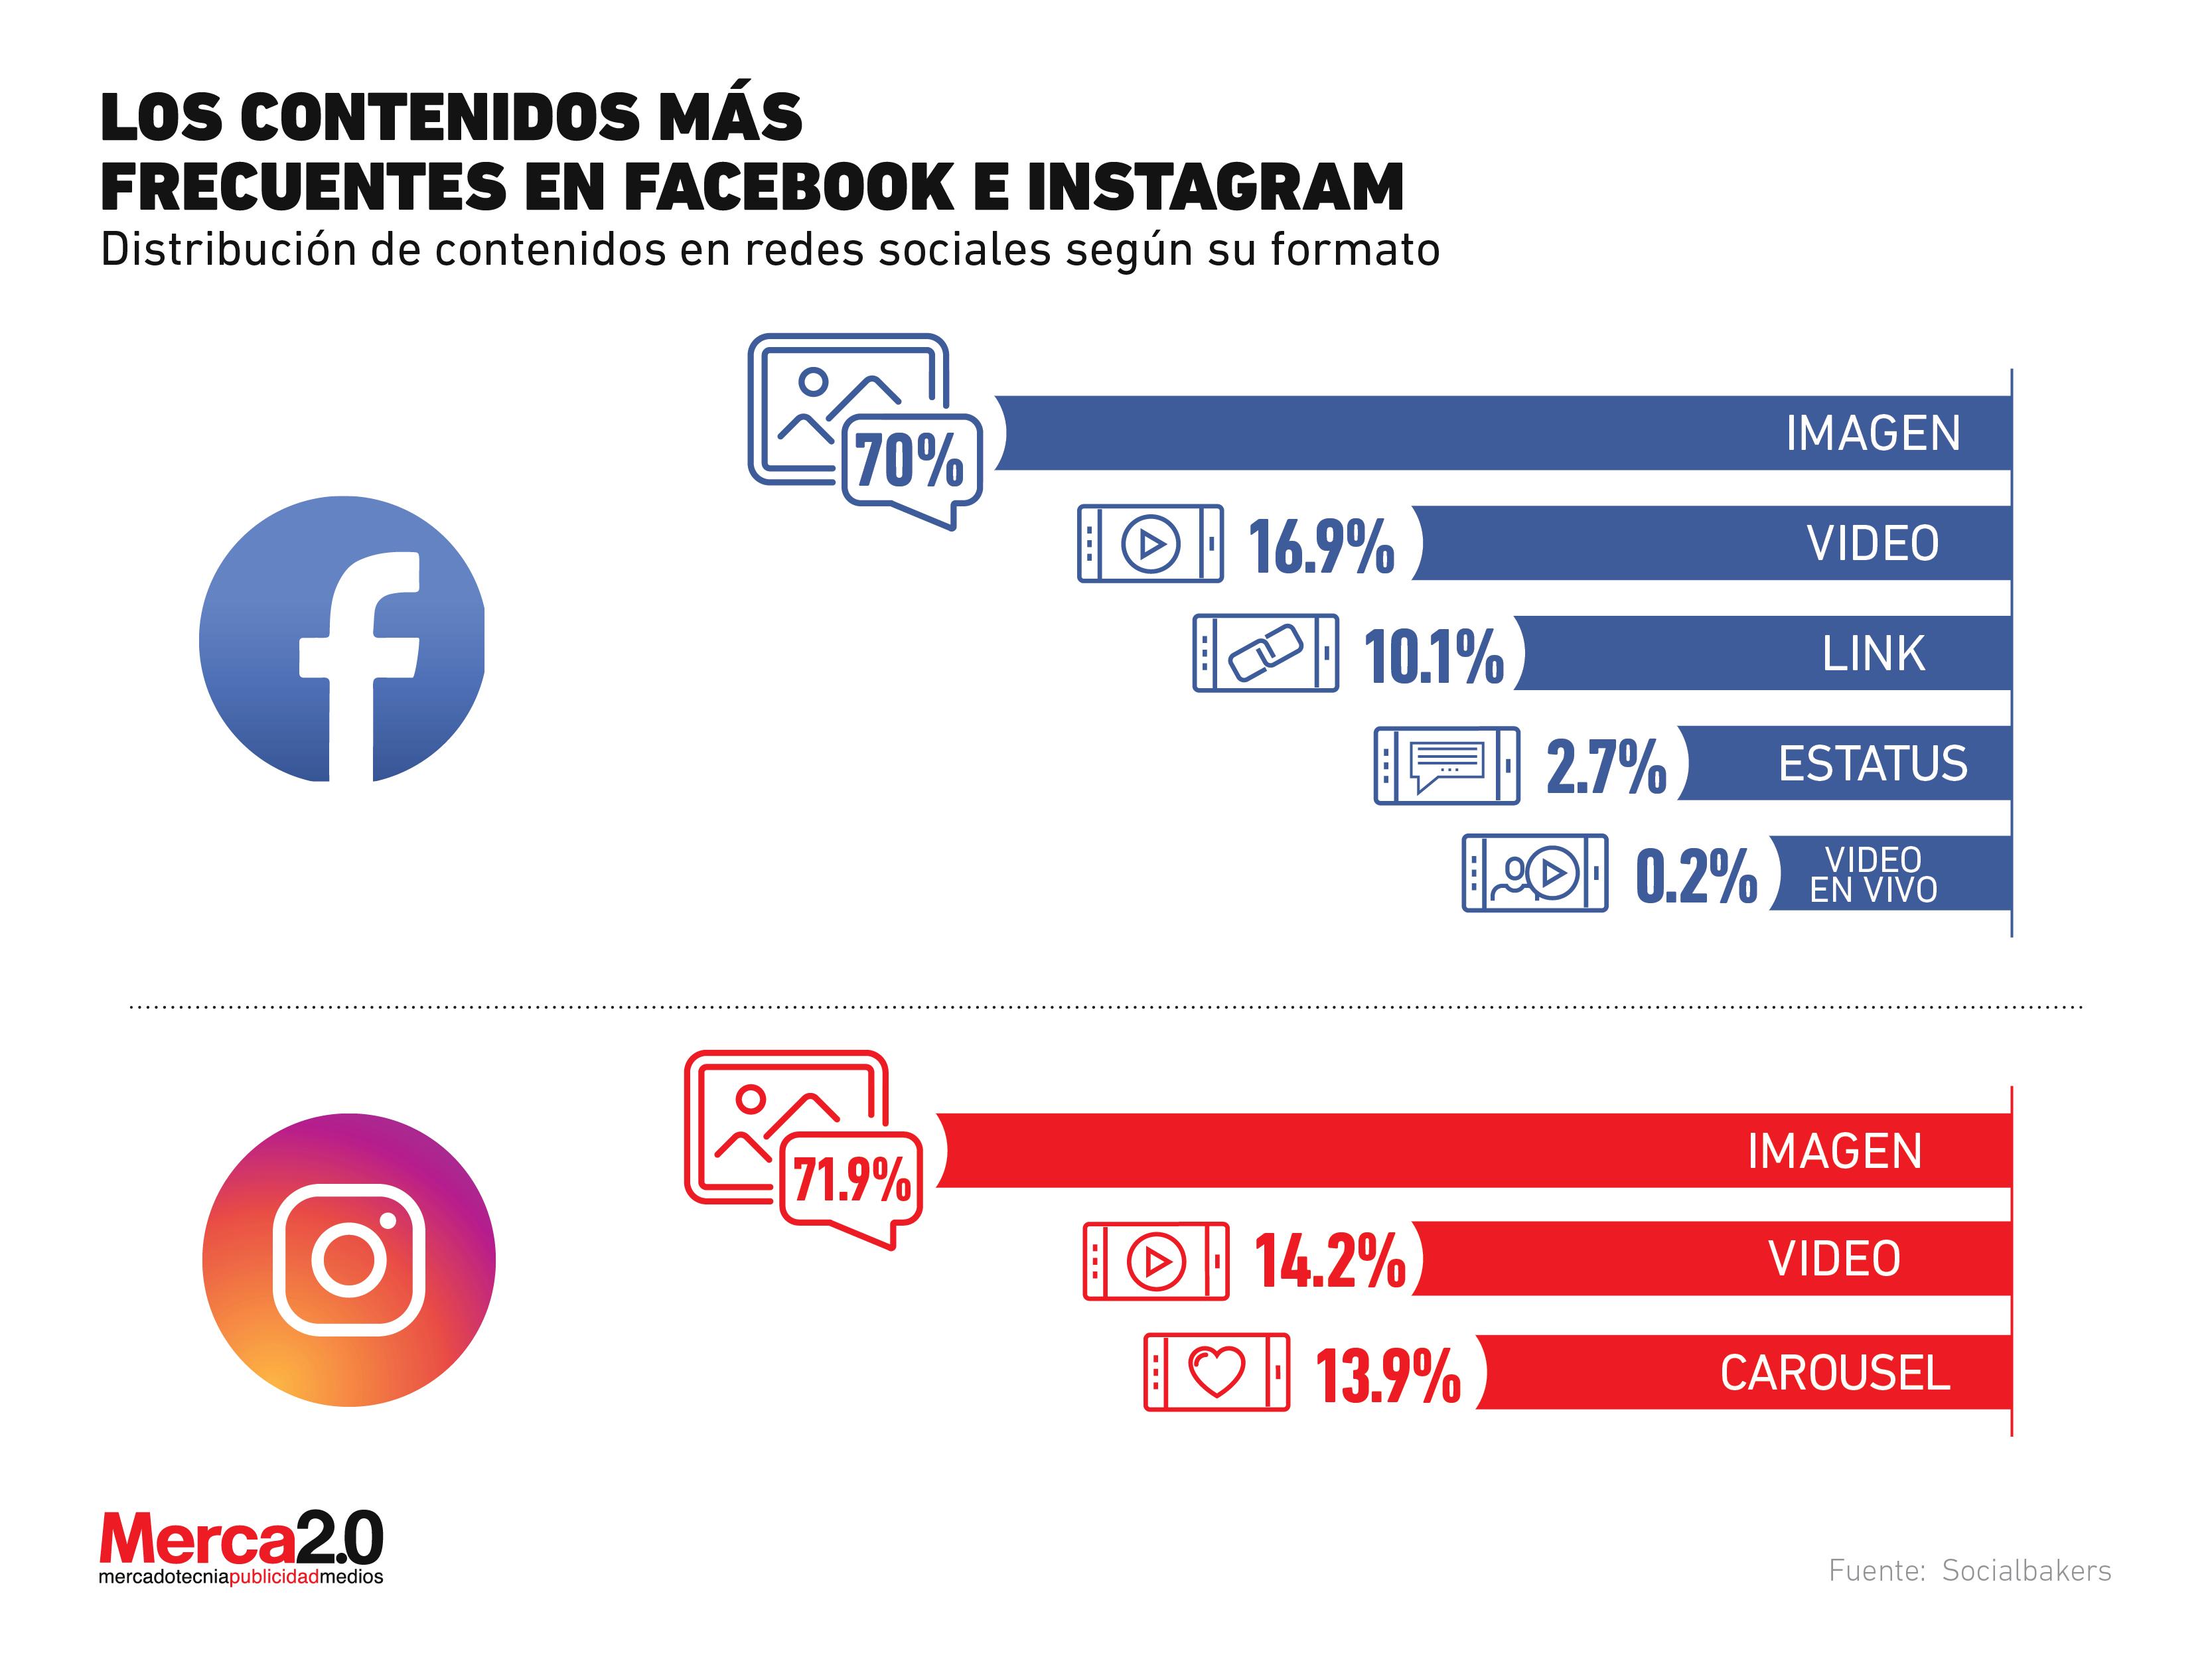 ¿Qué formatos de contenido son los más populares en Facebook e Instagram?